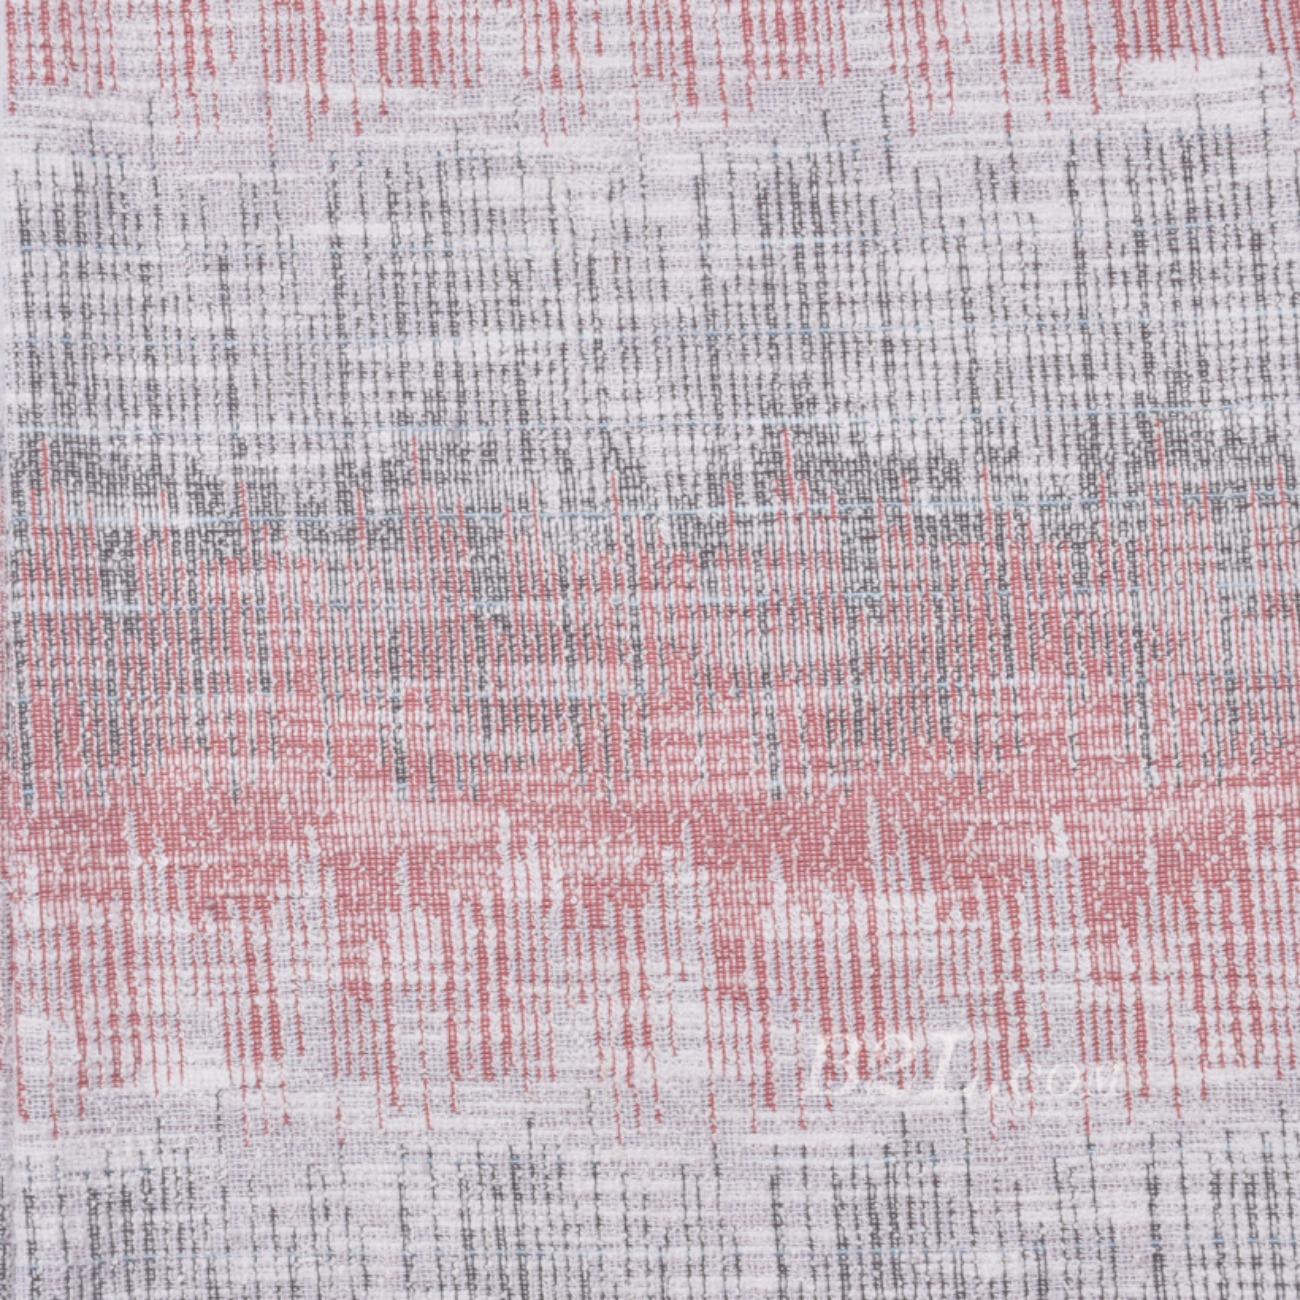 毛纺 针织 染色 低弹 几何 小香风 香奈儿风 秋冬 大衣 女装 时装 90729-13